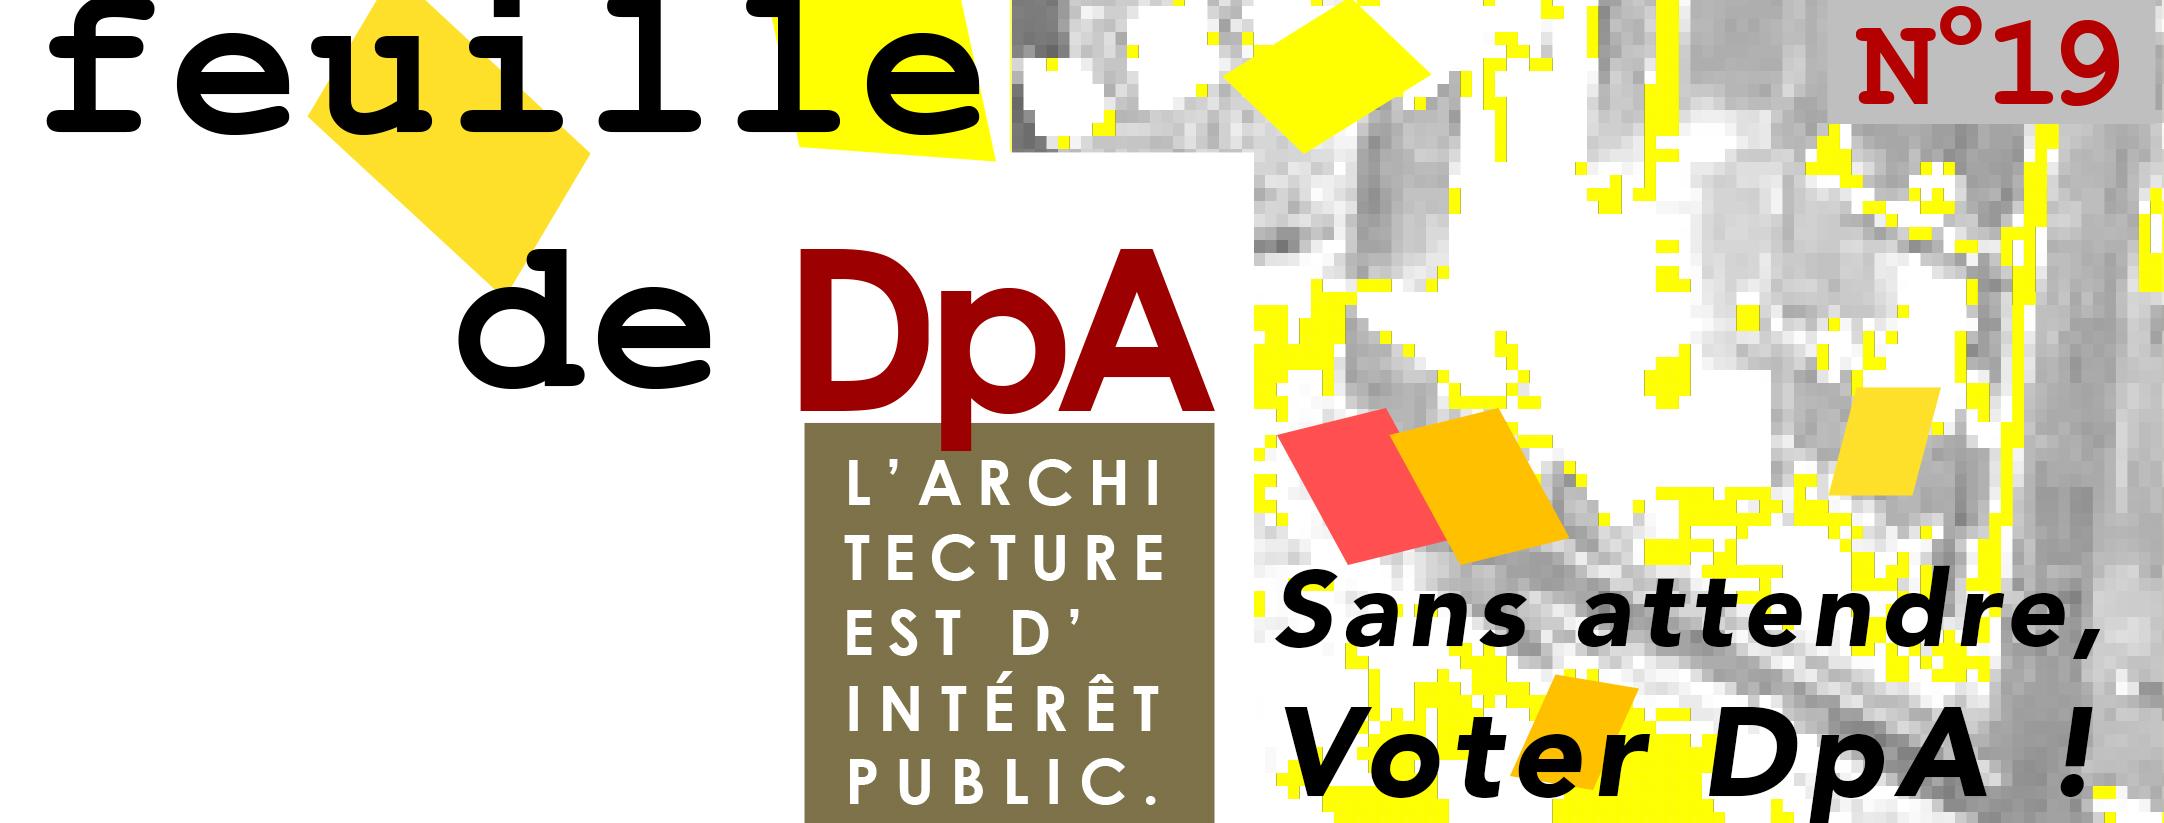 Bandeau Feuille #19 - Sans attendre, Voter DpA !